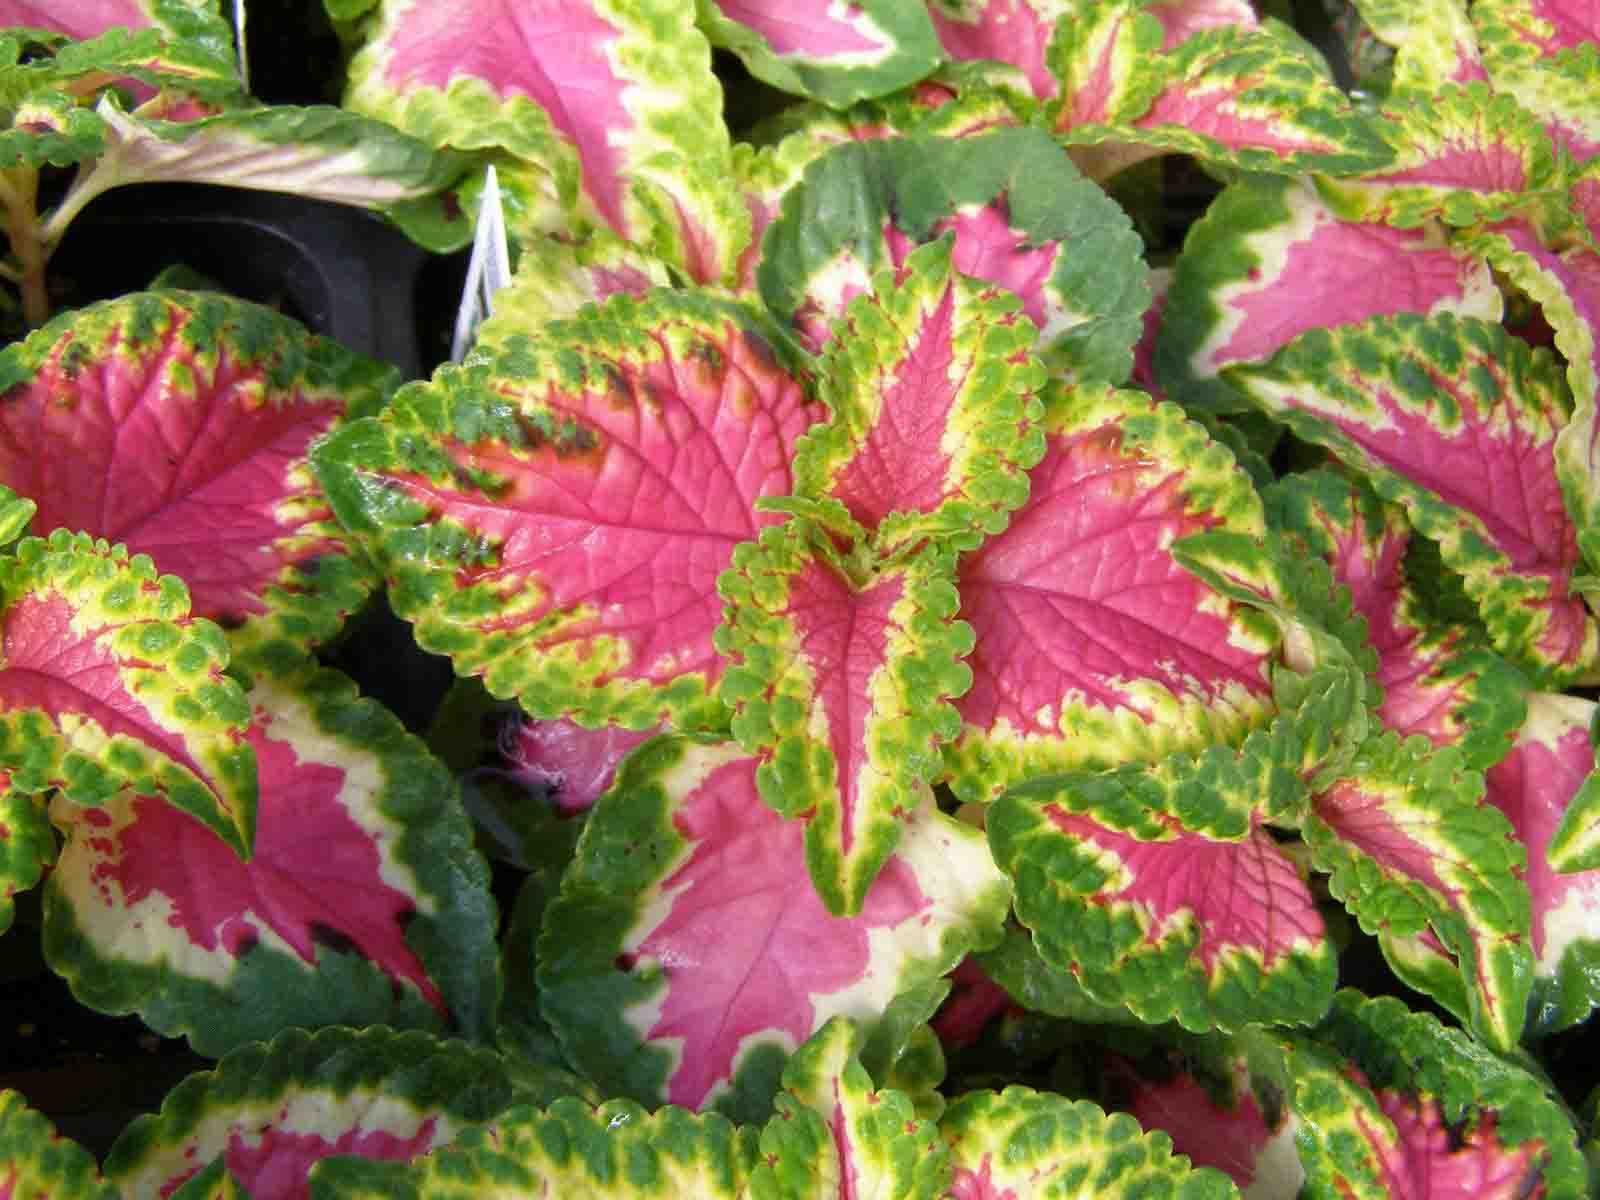 цветок с розовыми листьями фото и название красок разнообразие